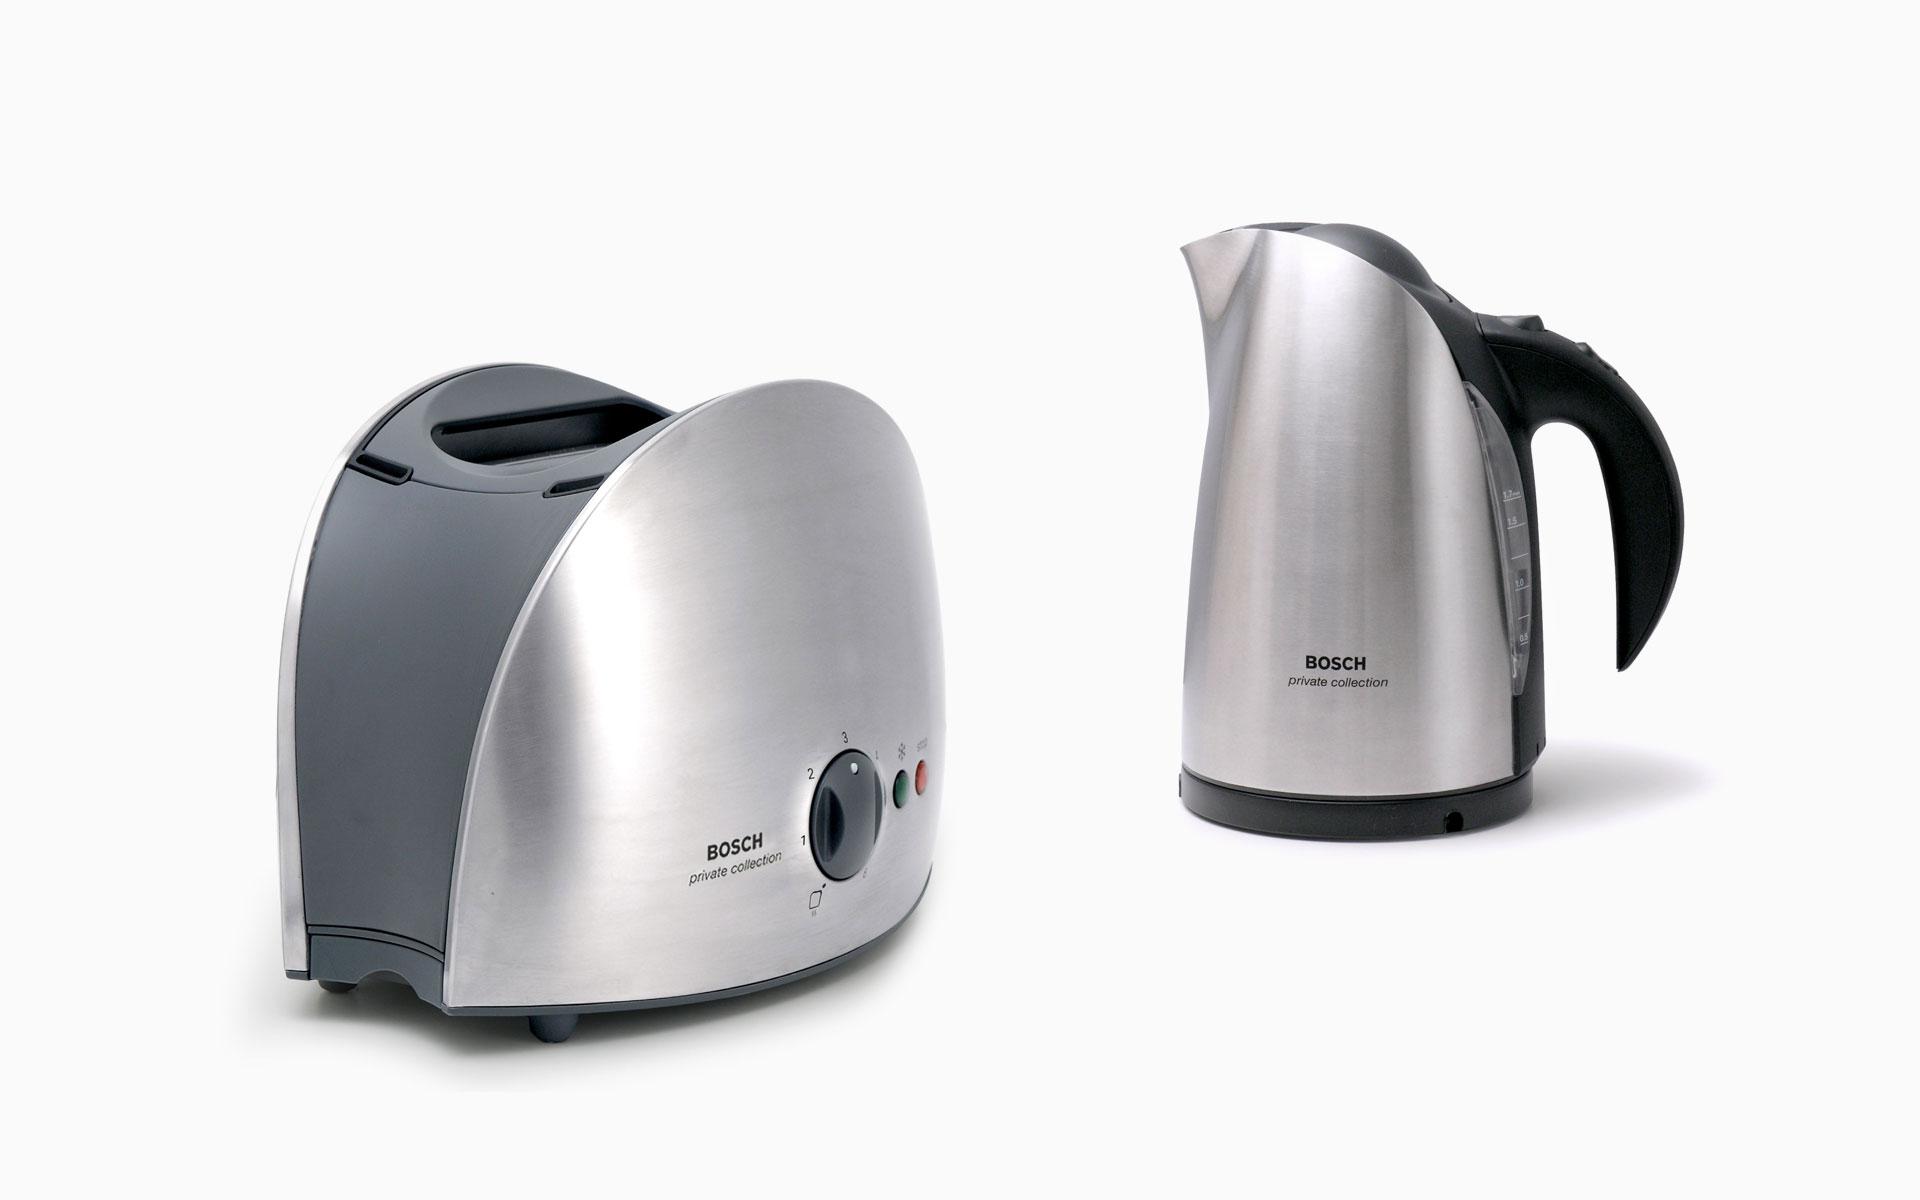 Bosch Toaster und Wasserkocher Privat Cellection Produktdesigner d+e für Bosch Siemens Hausgeräte